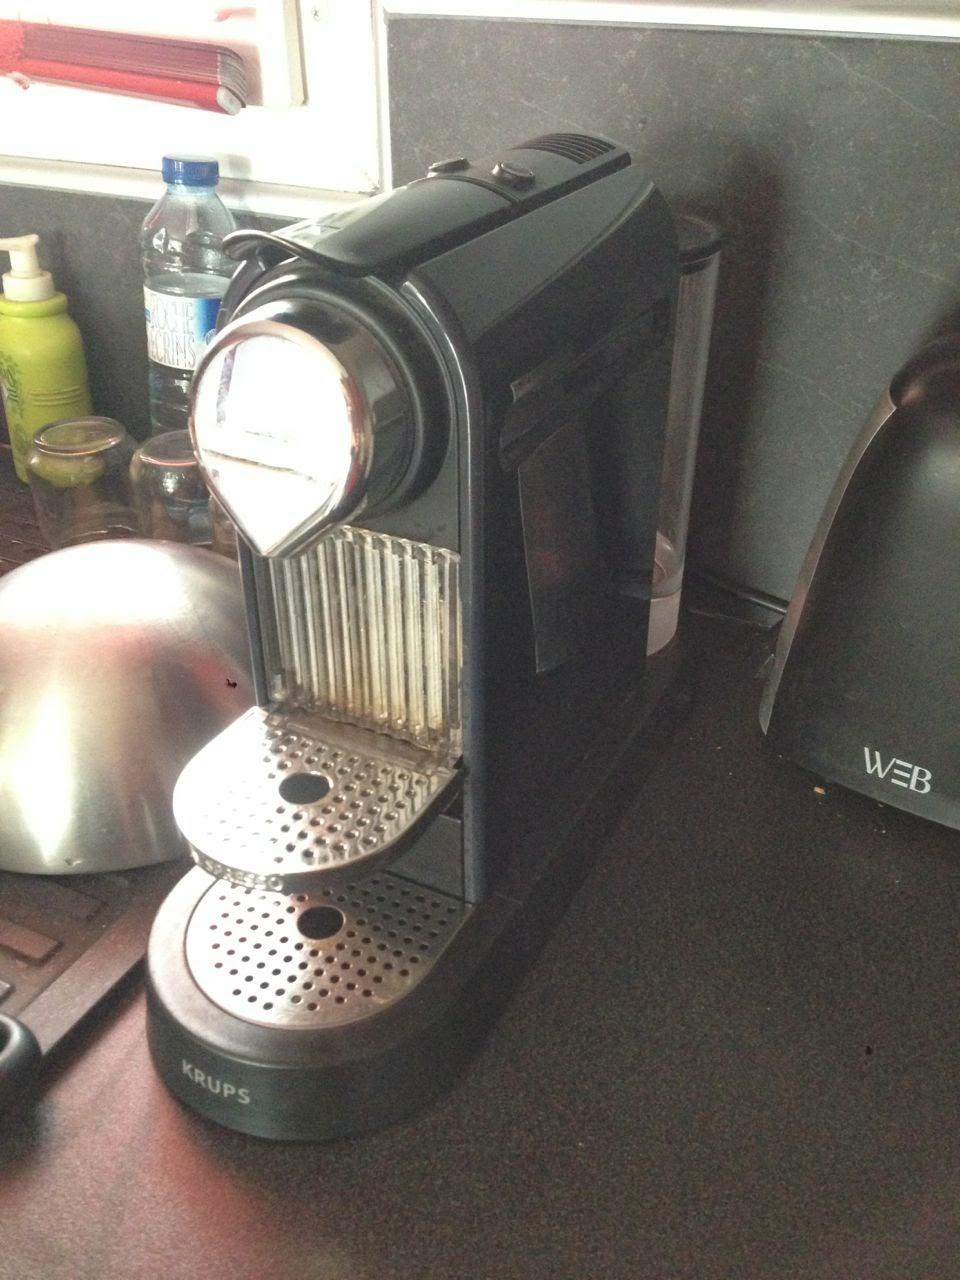 Demontage Nespresso Krups u Nespresso Citiz Krups